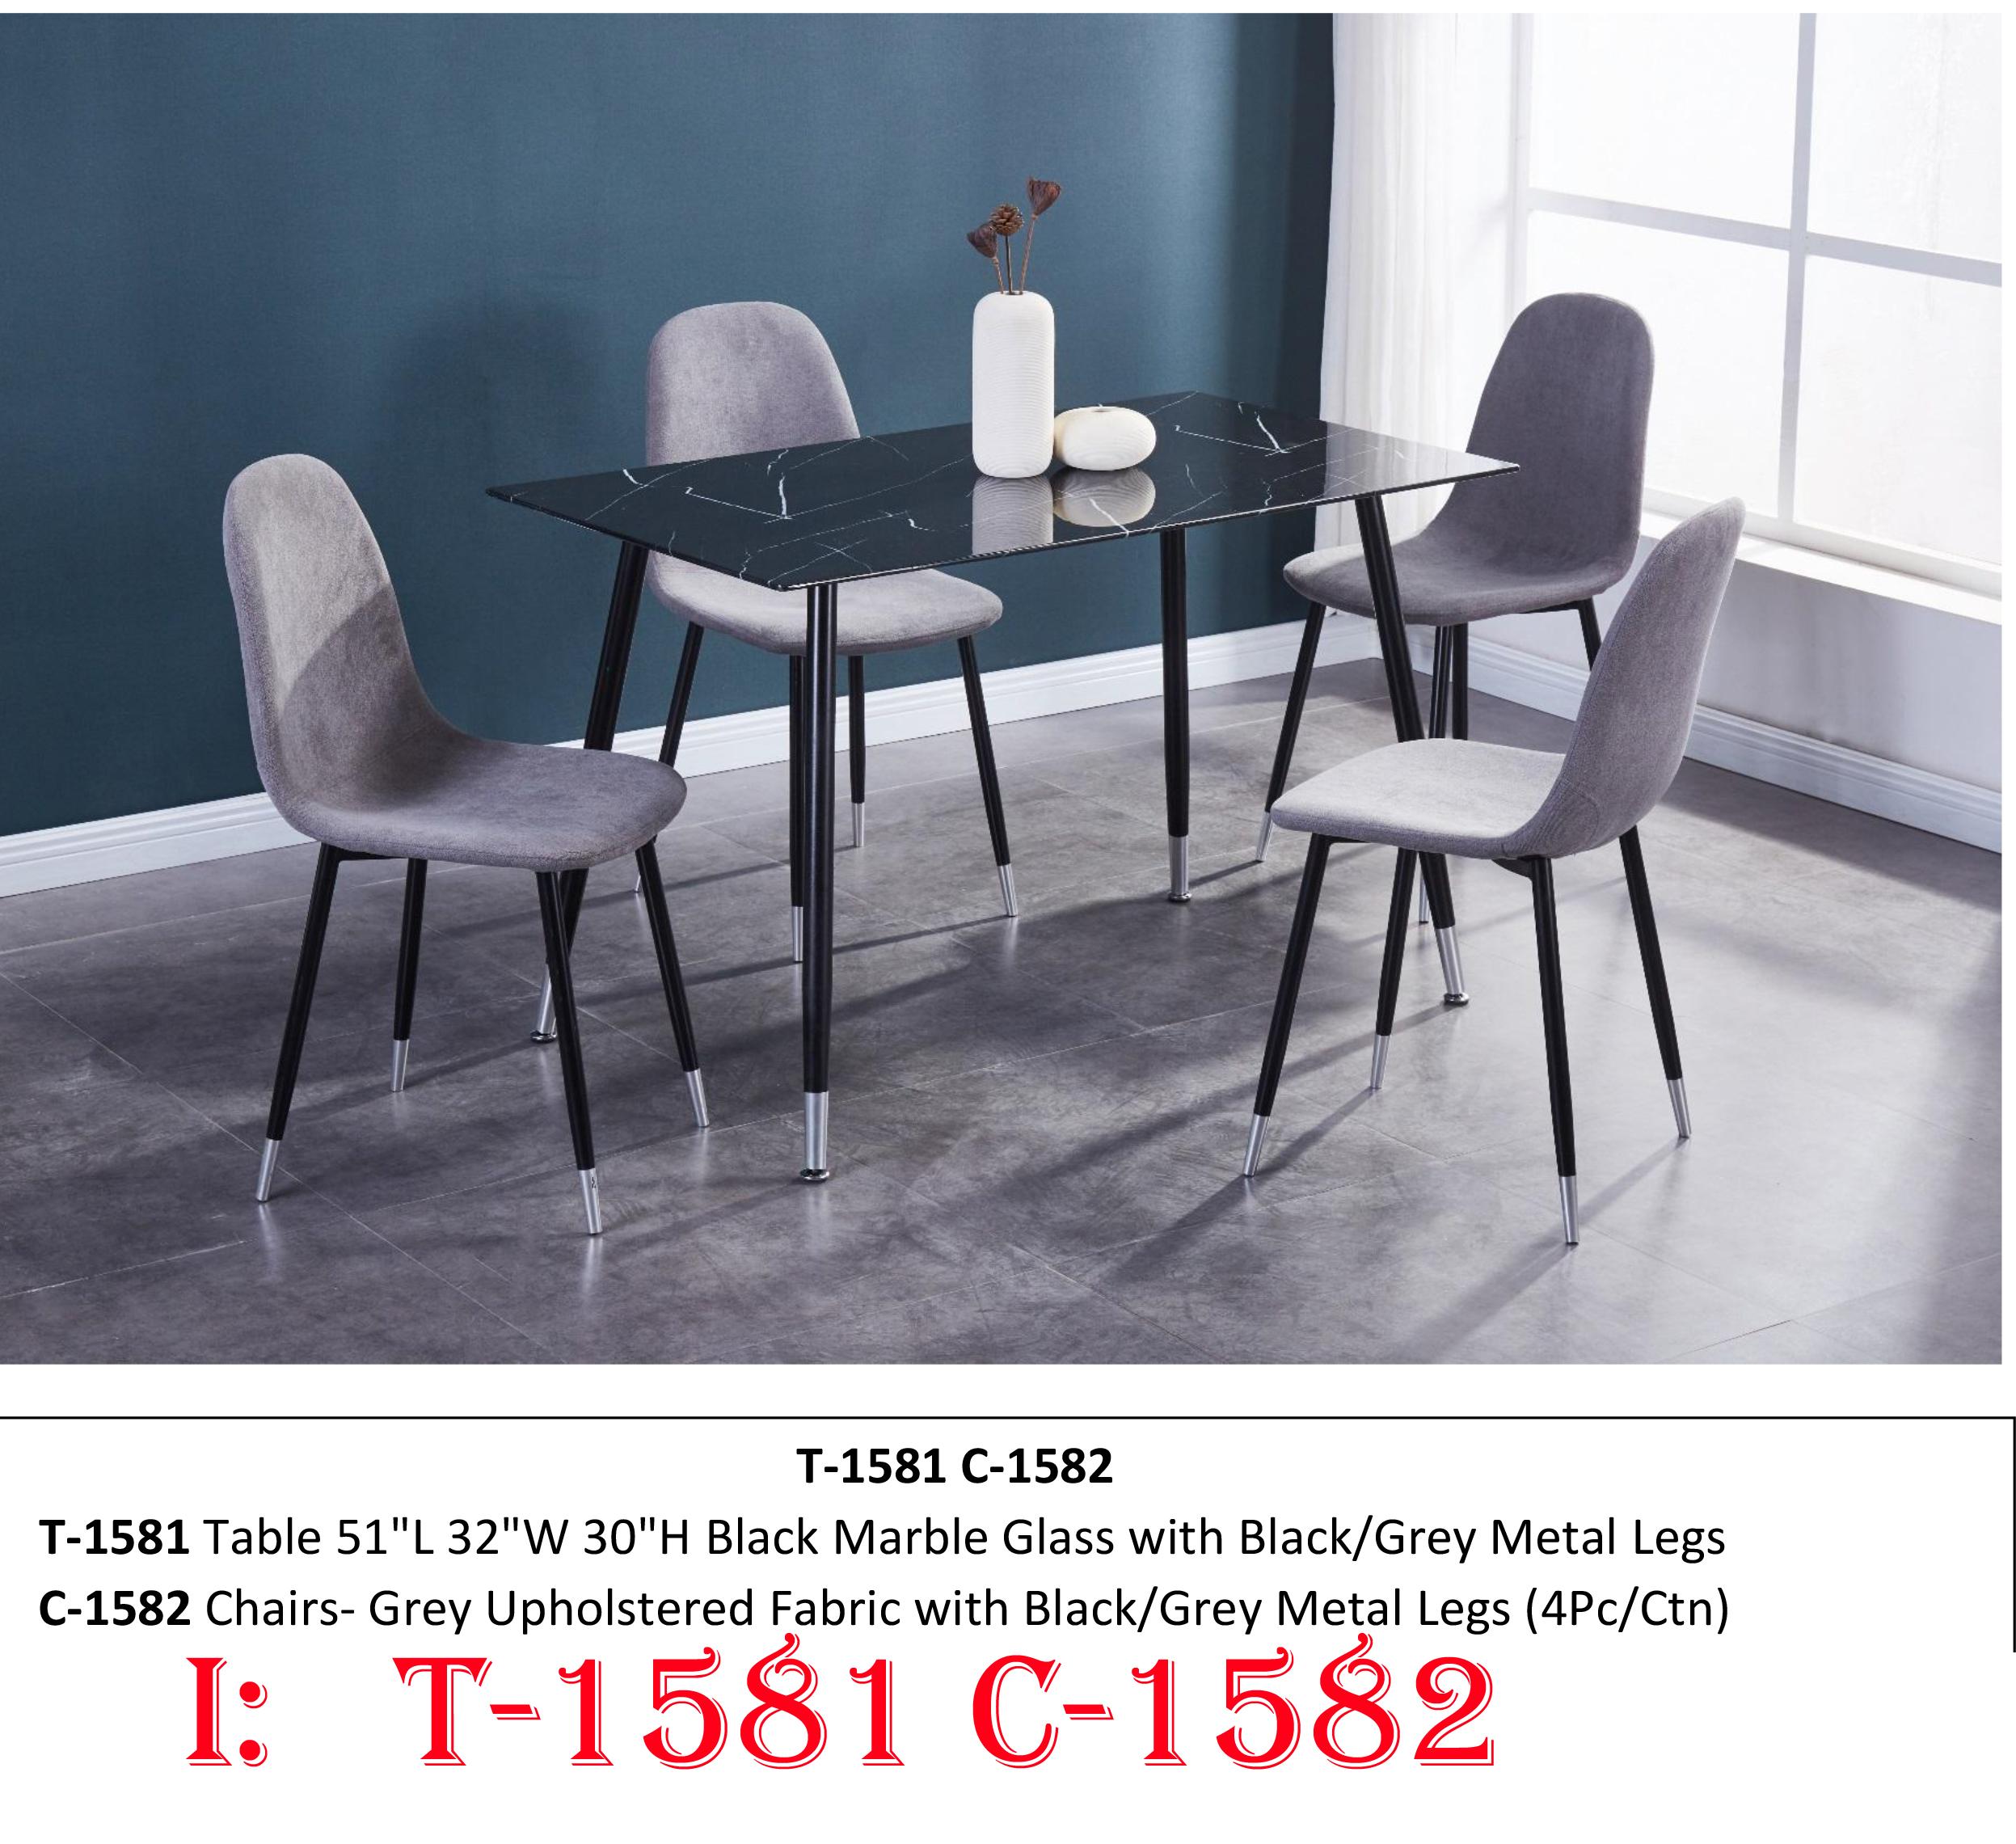 T-1581 C-1582